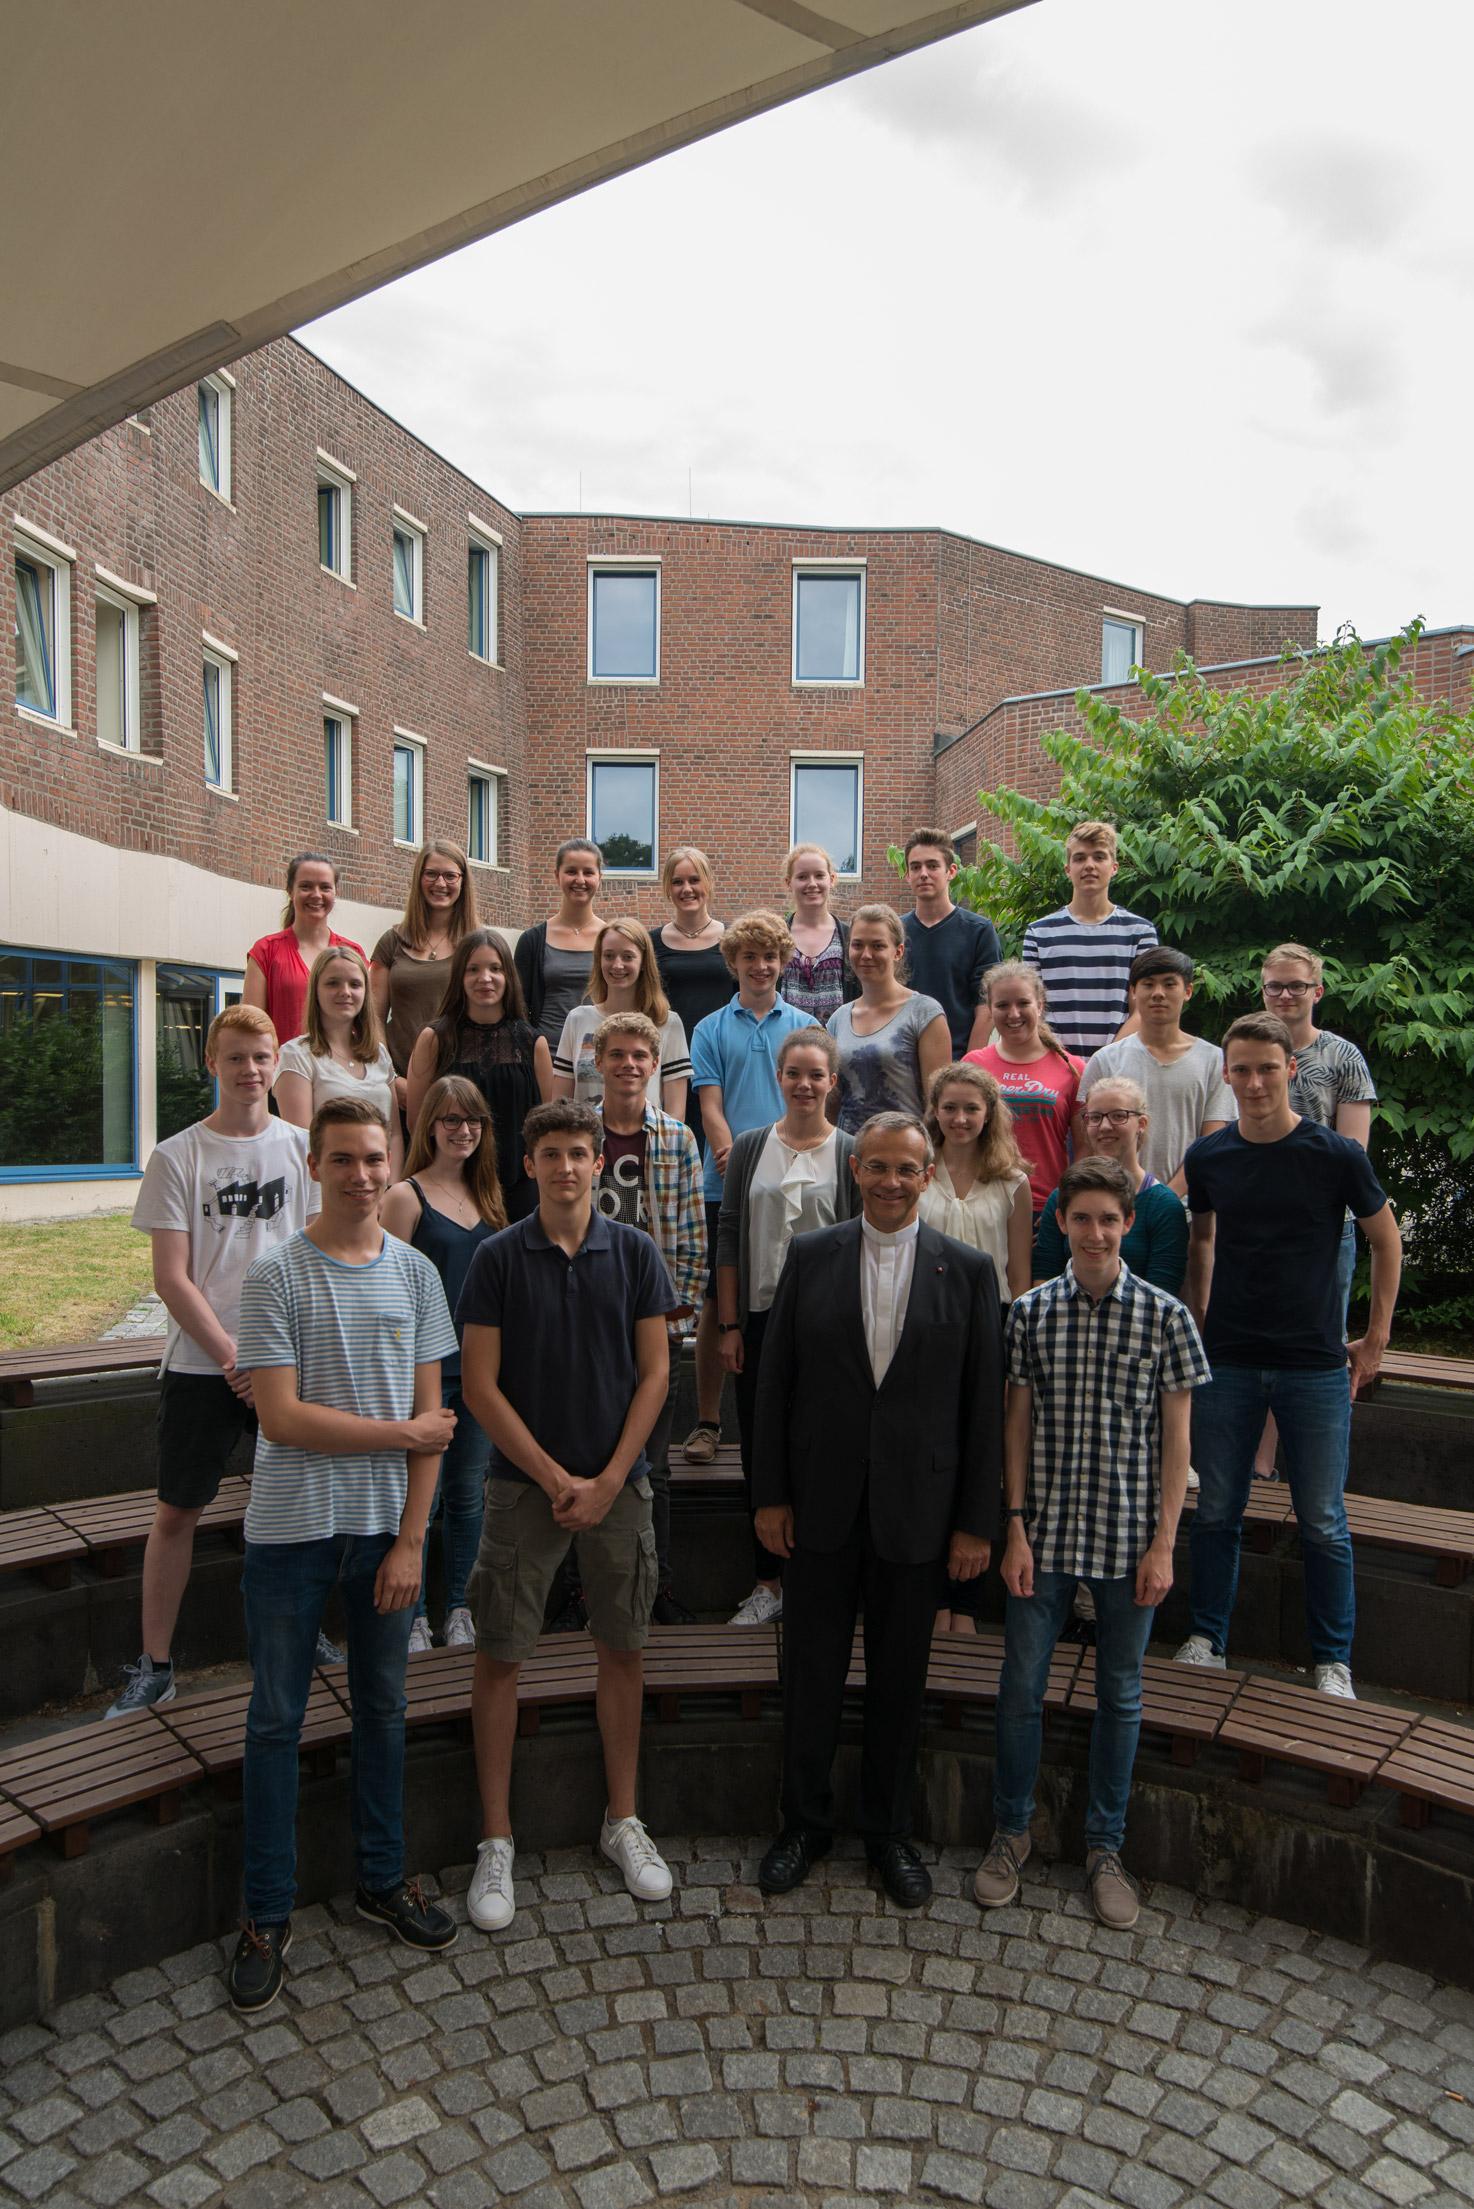 Schüler treffen sich ein Jahr vor dem Abitur, um sich über religiöse, politische und gesellschaftliche Themen auszutauschen